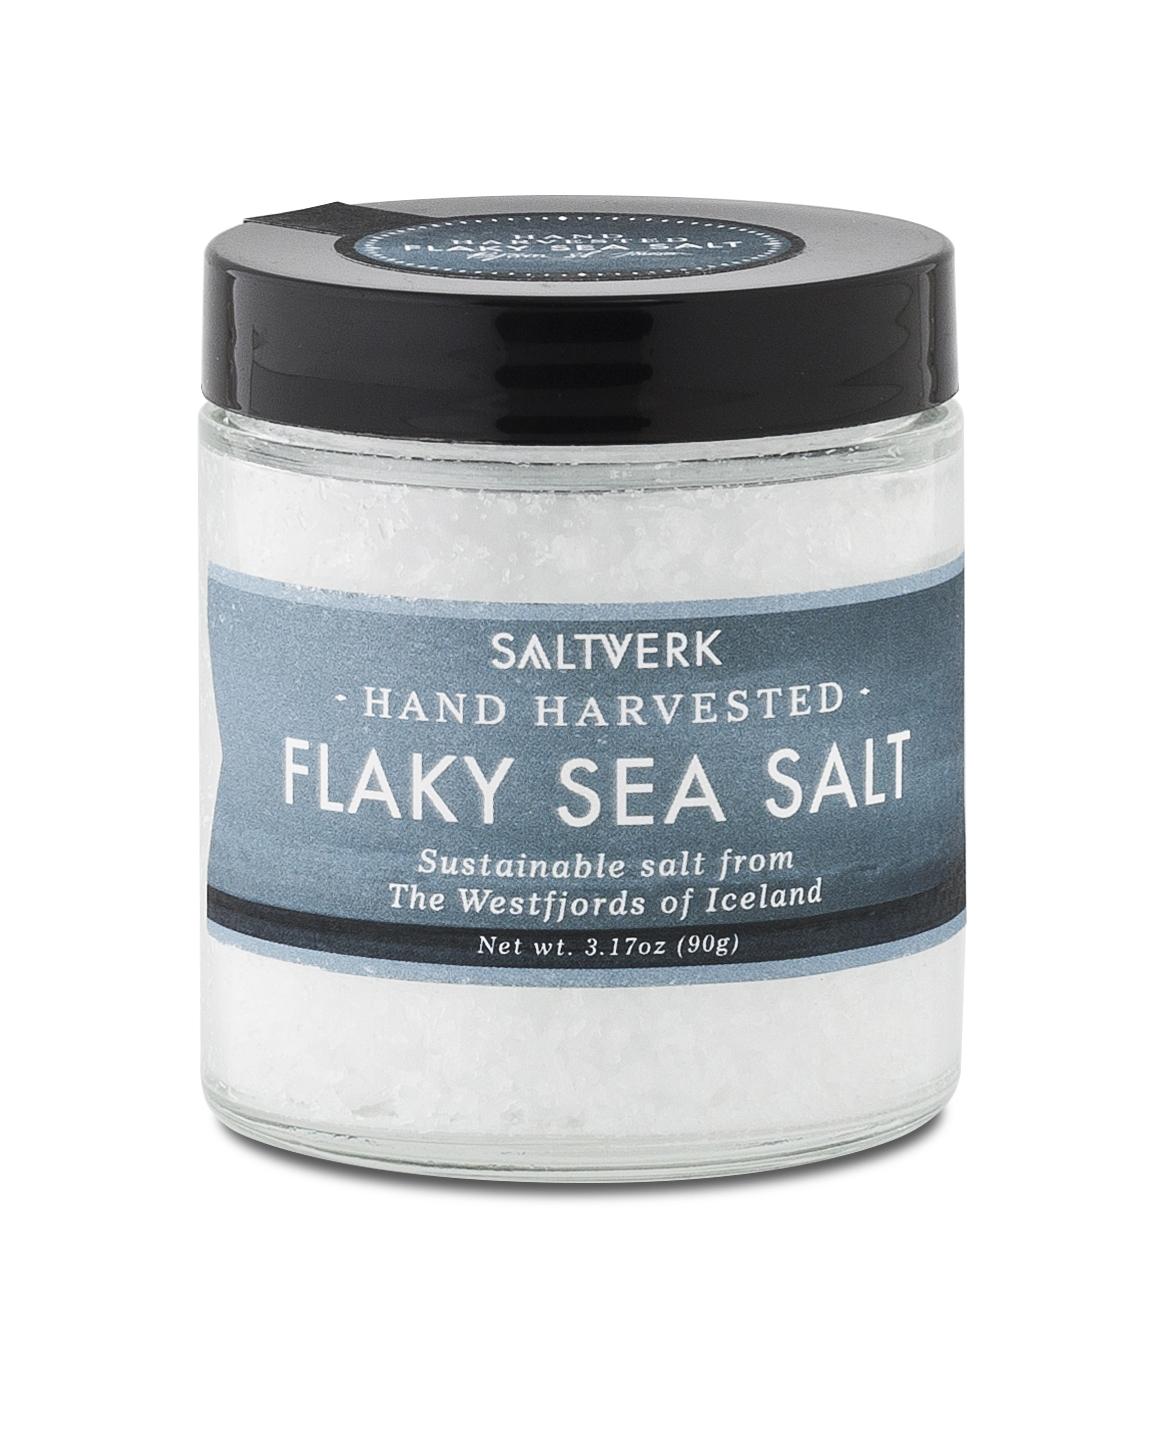 Flaky Sea Salt - $10